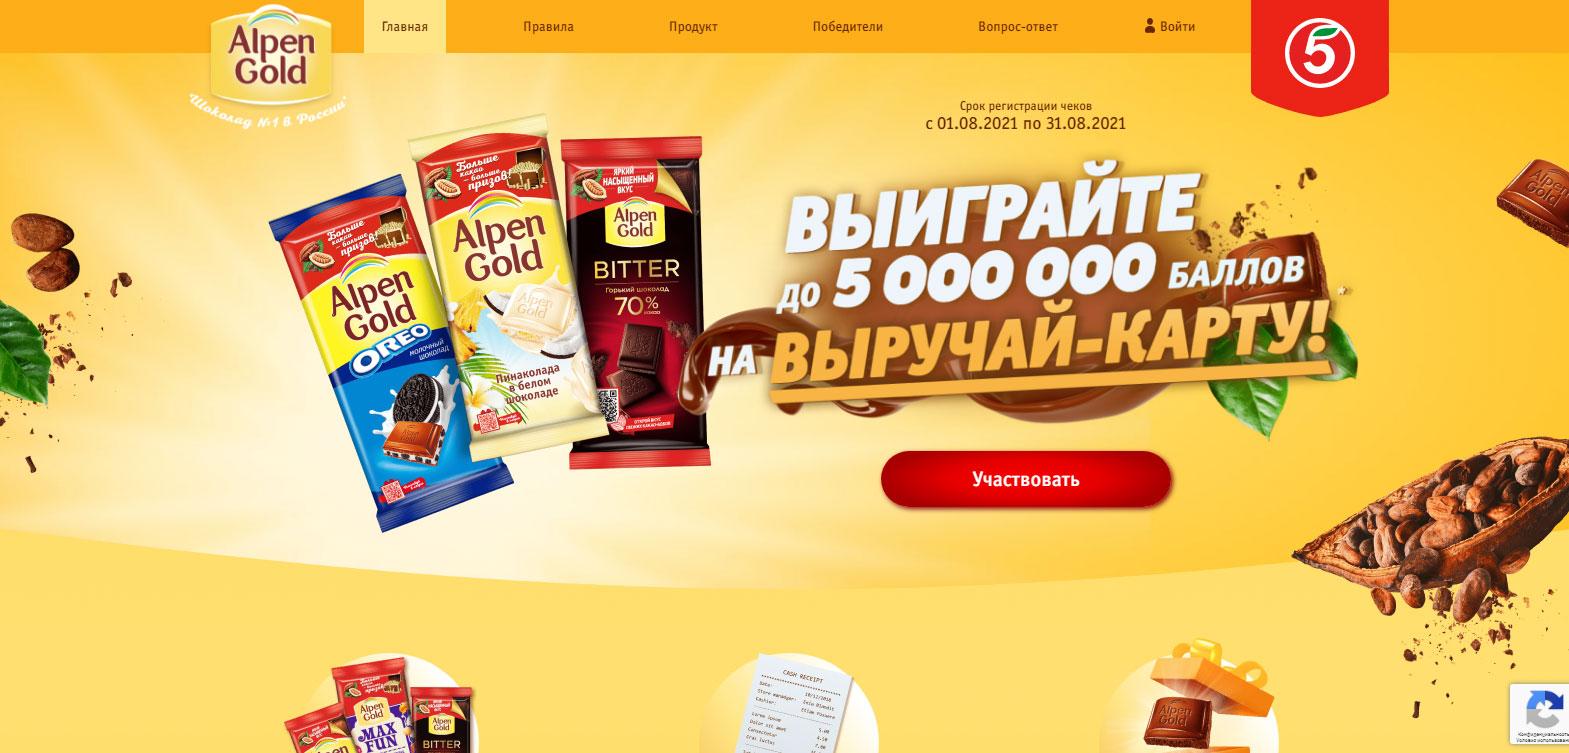 Промо акция Alpen Gold в Пятерочке «Выиграй до 5 000 000 Баллов»!